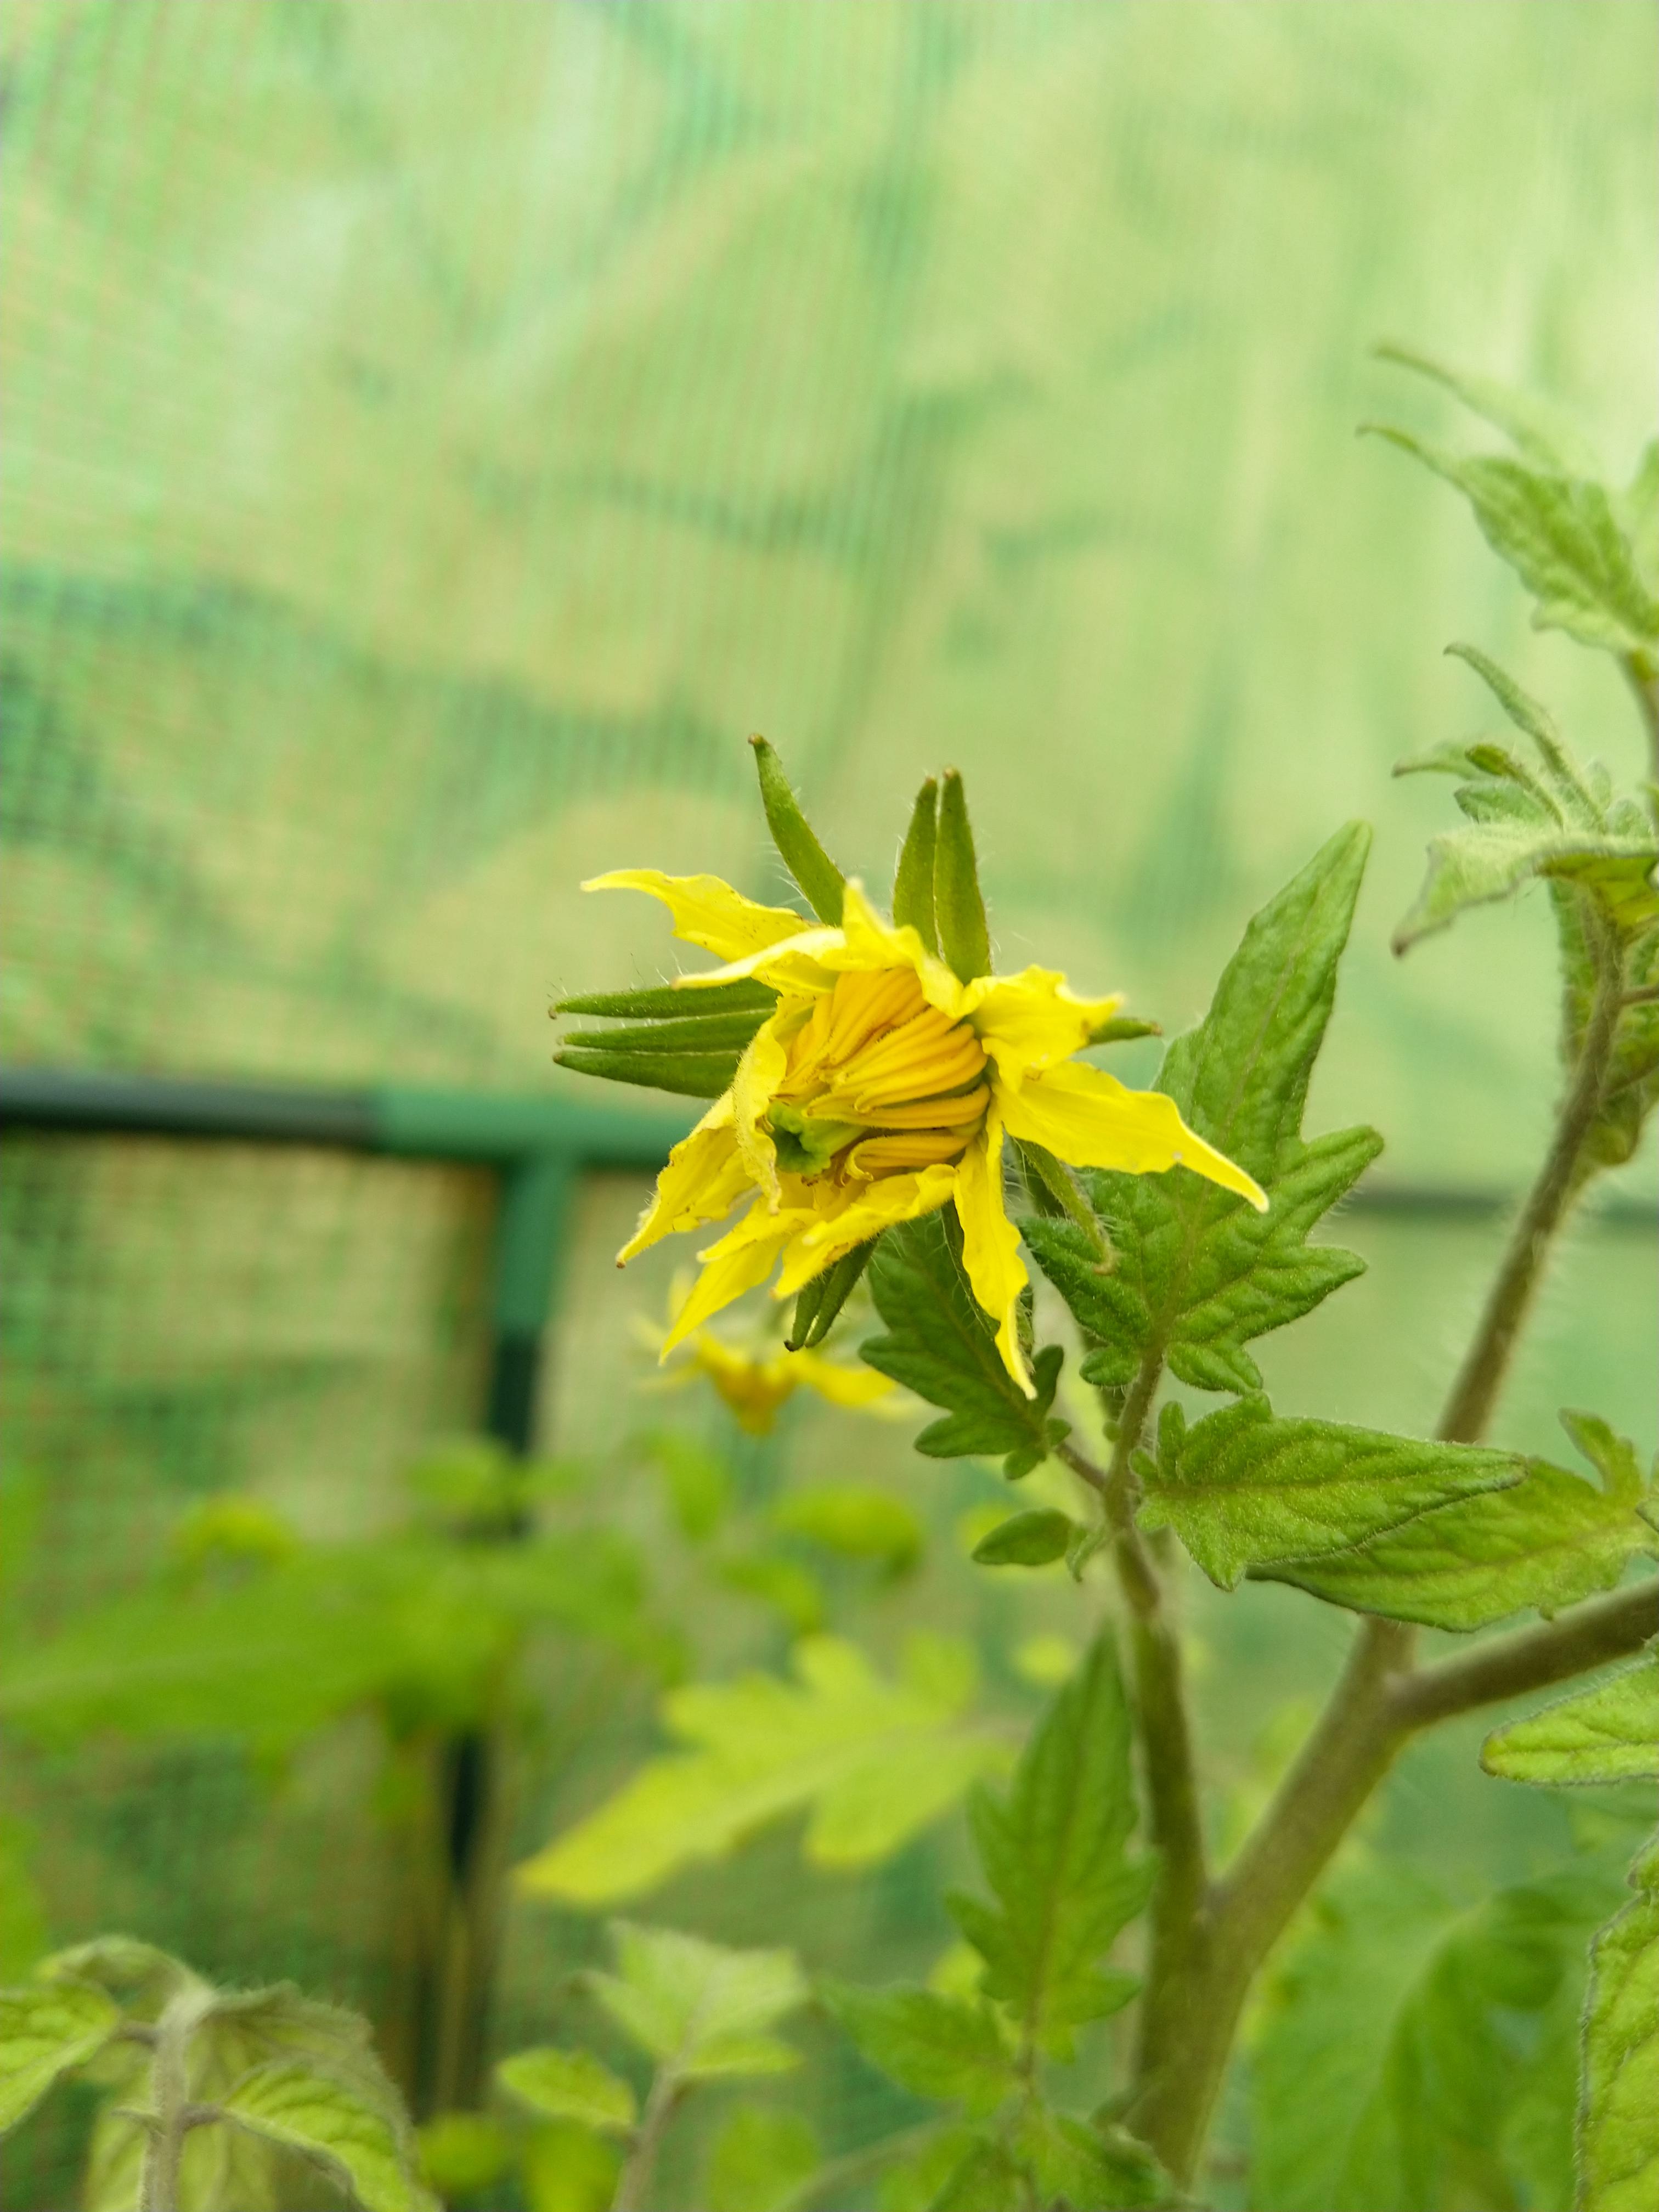 Blüte von Tomate im Garten